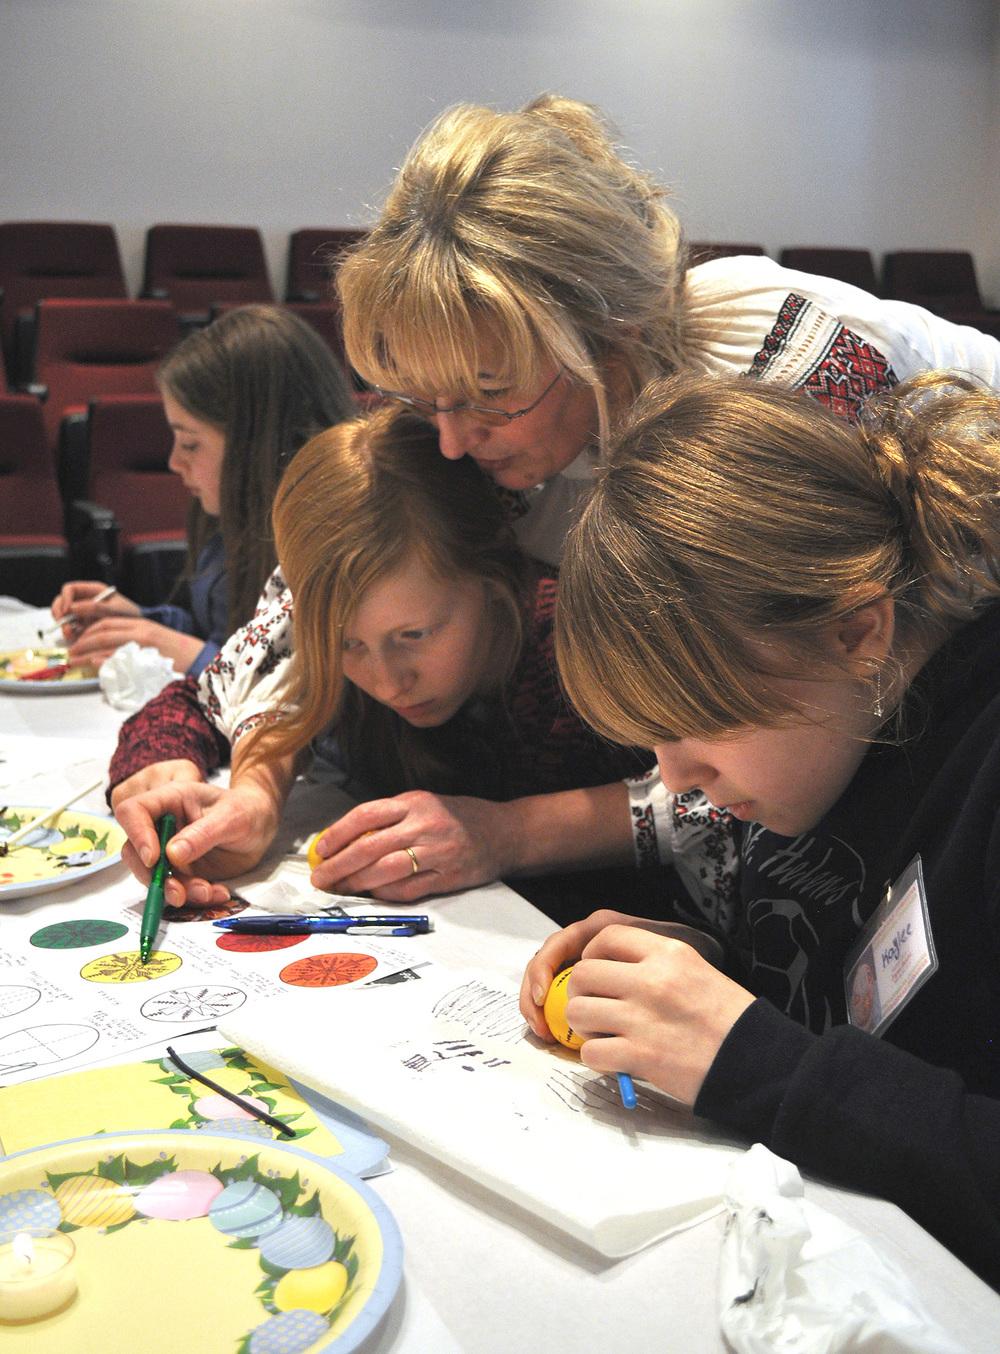 Free Arts & Crafts Workshops